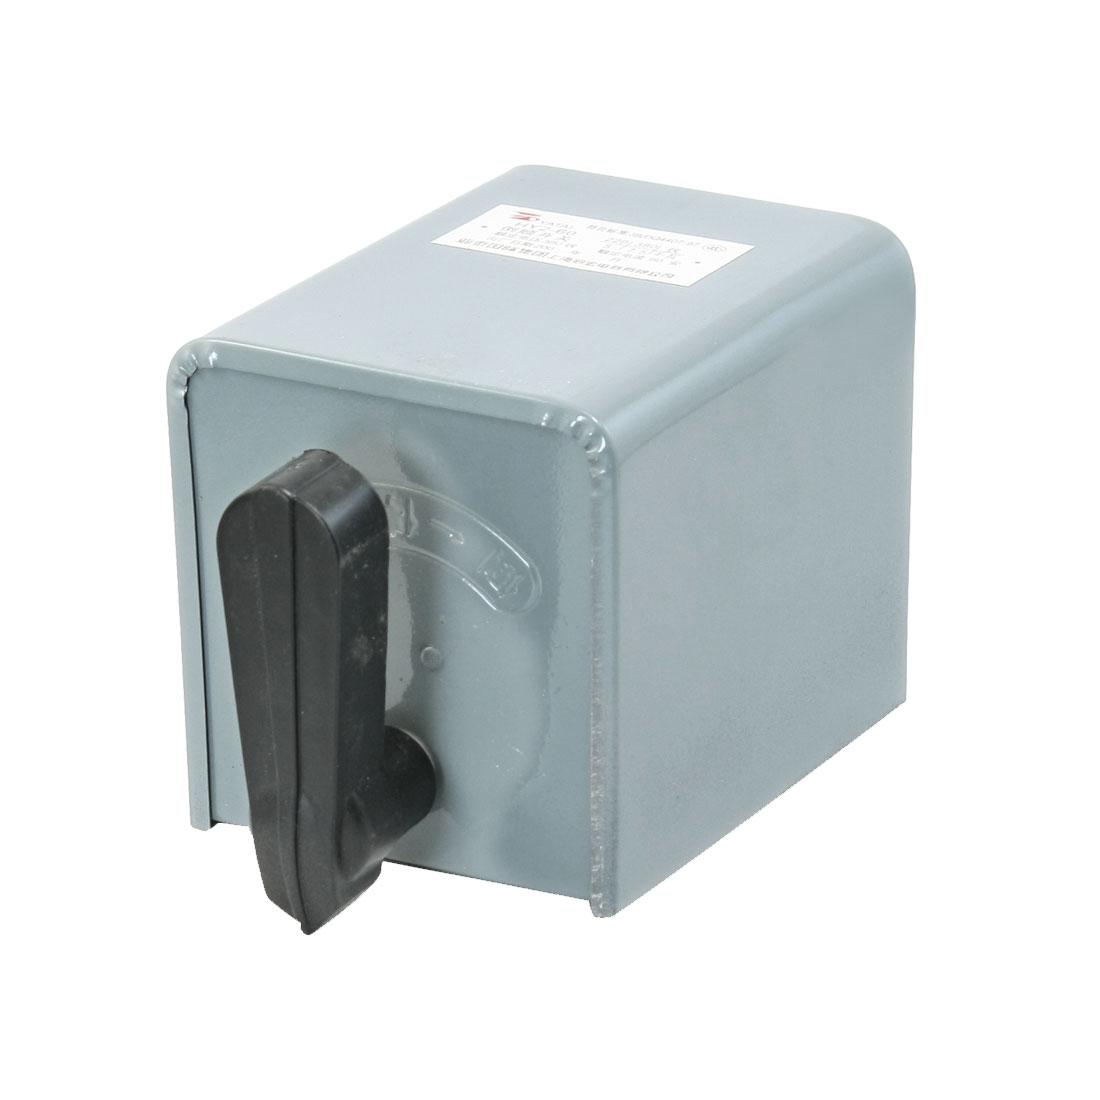 AC 380V 30A Forward Stop Reversing Motor Cam Starter Changeover Switch